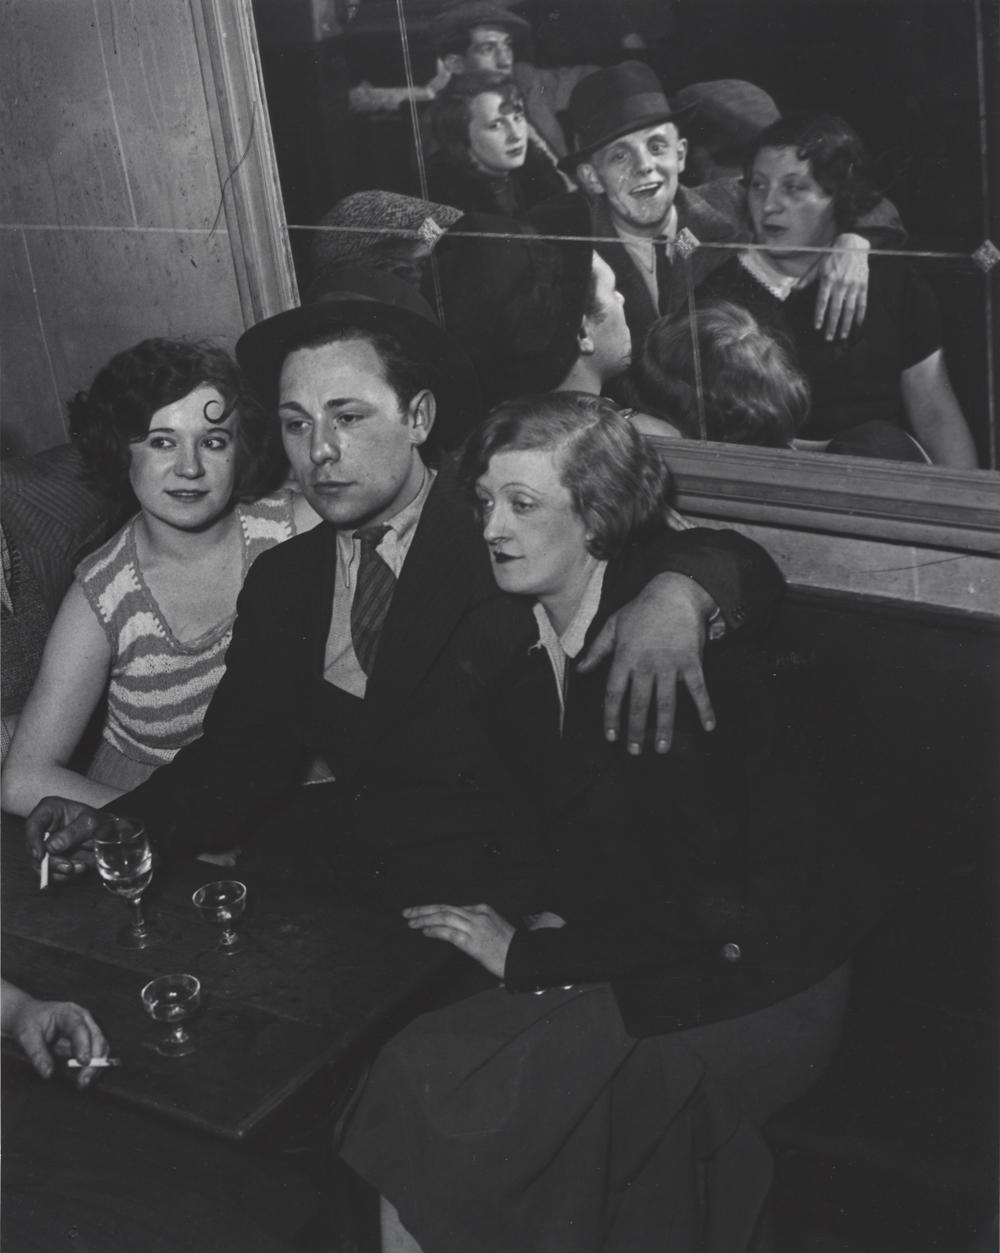 BRASSAI,  Groupe Joyeux au bal musette des Quatre Saisons,   rue de Lappe, Paris,  c. 1932